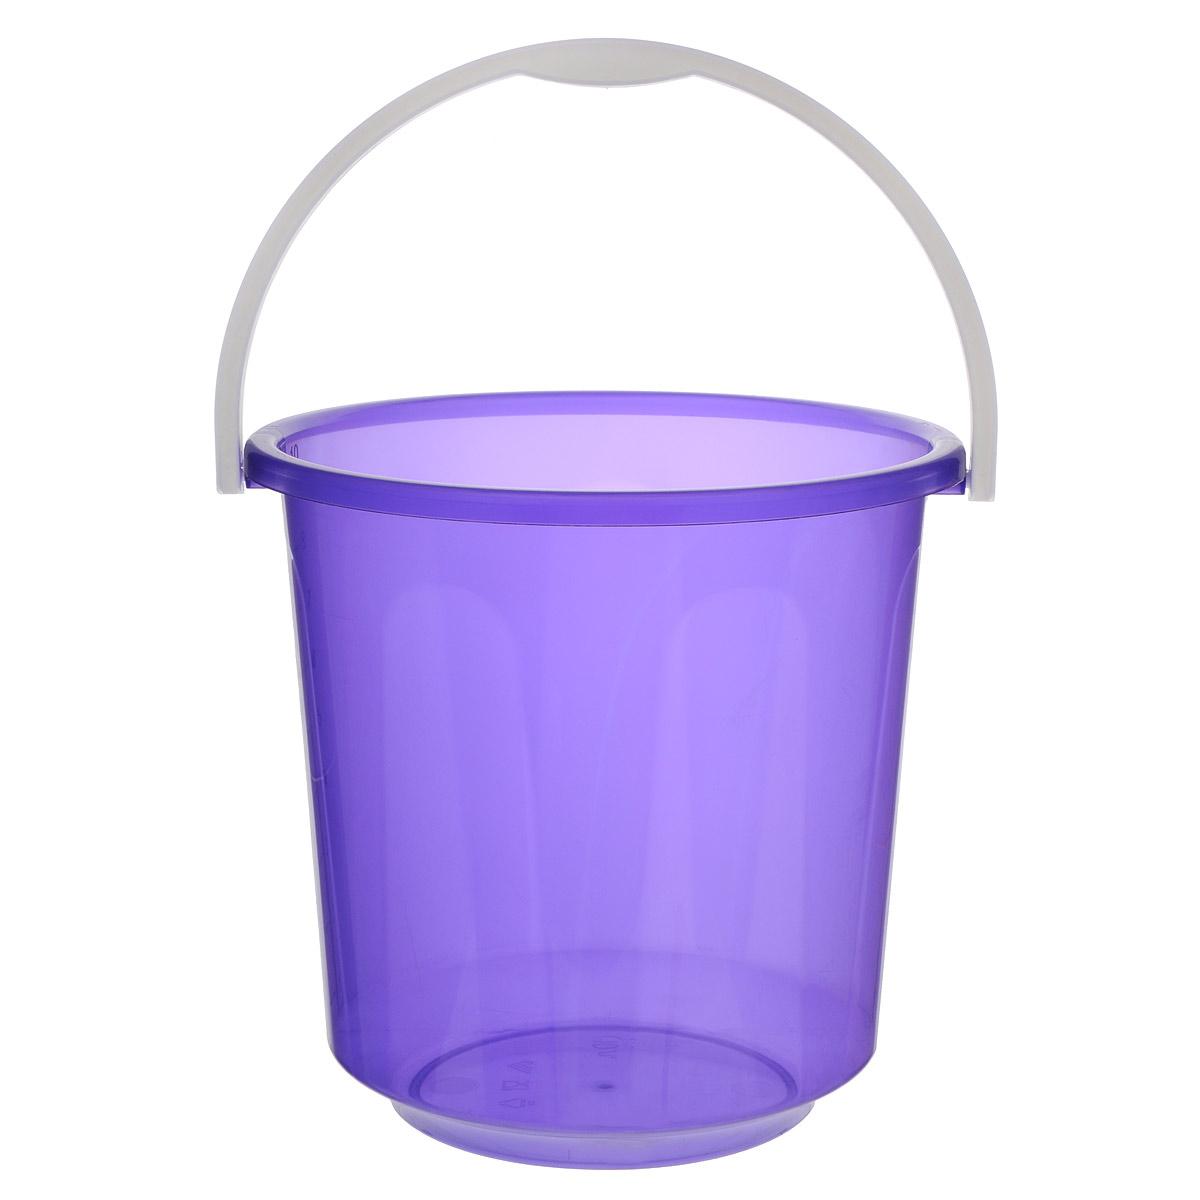 Ведро Альтернатива Хозяюшка, цвет: фиолетовый, 10 лМ1212Ведро Альтернатива Хозяюшка изготовлено из высококачественного пластика и оснащено отметками литража. Оно легче железного и не подвержено коррозии. Ведро имеет удобную пластиковую ручку. Такое ведро станет незаменимым помощником в хозяйстве. Идеально для хранения пищевых отходов.Диаметр: 27 см.Высота: 26 см.